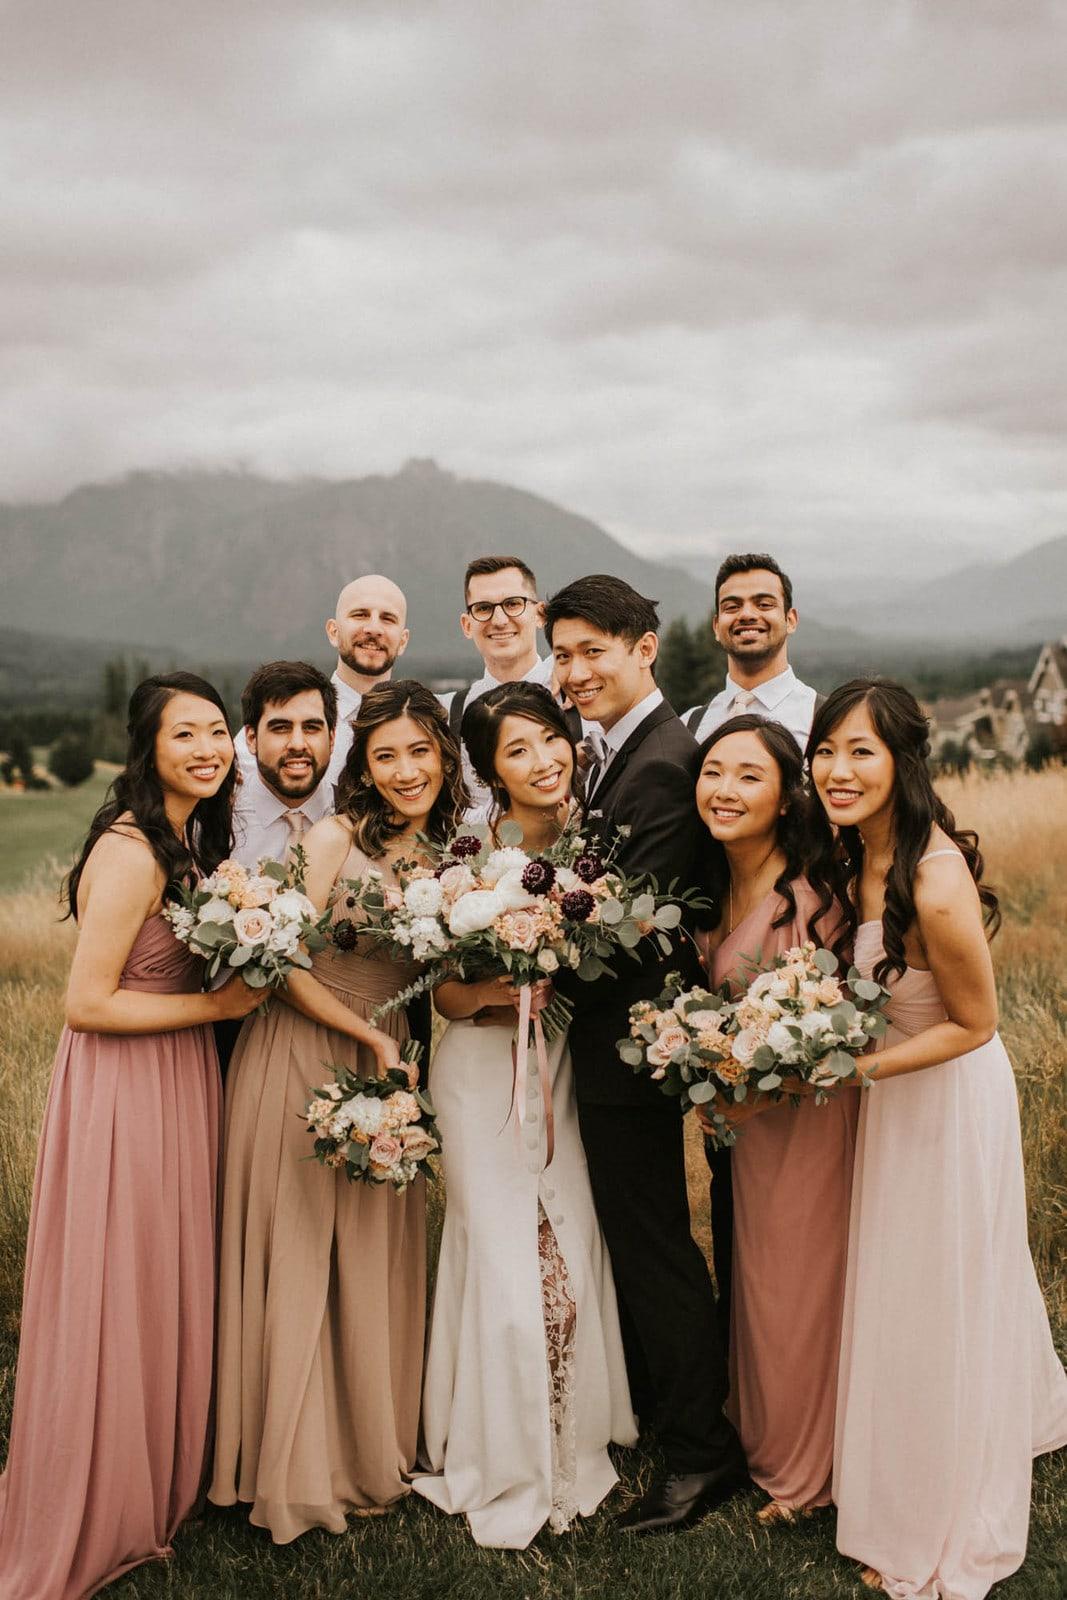 bridal party looking at the camera